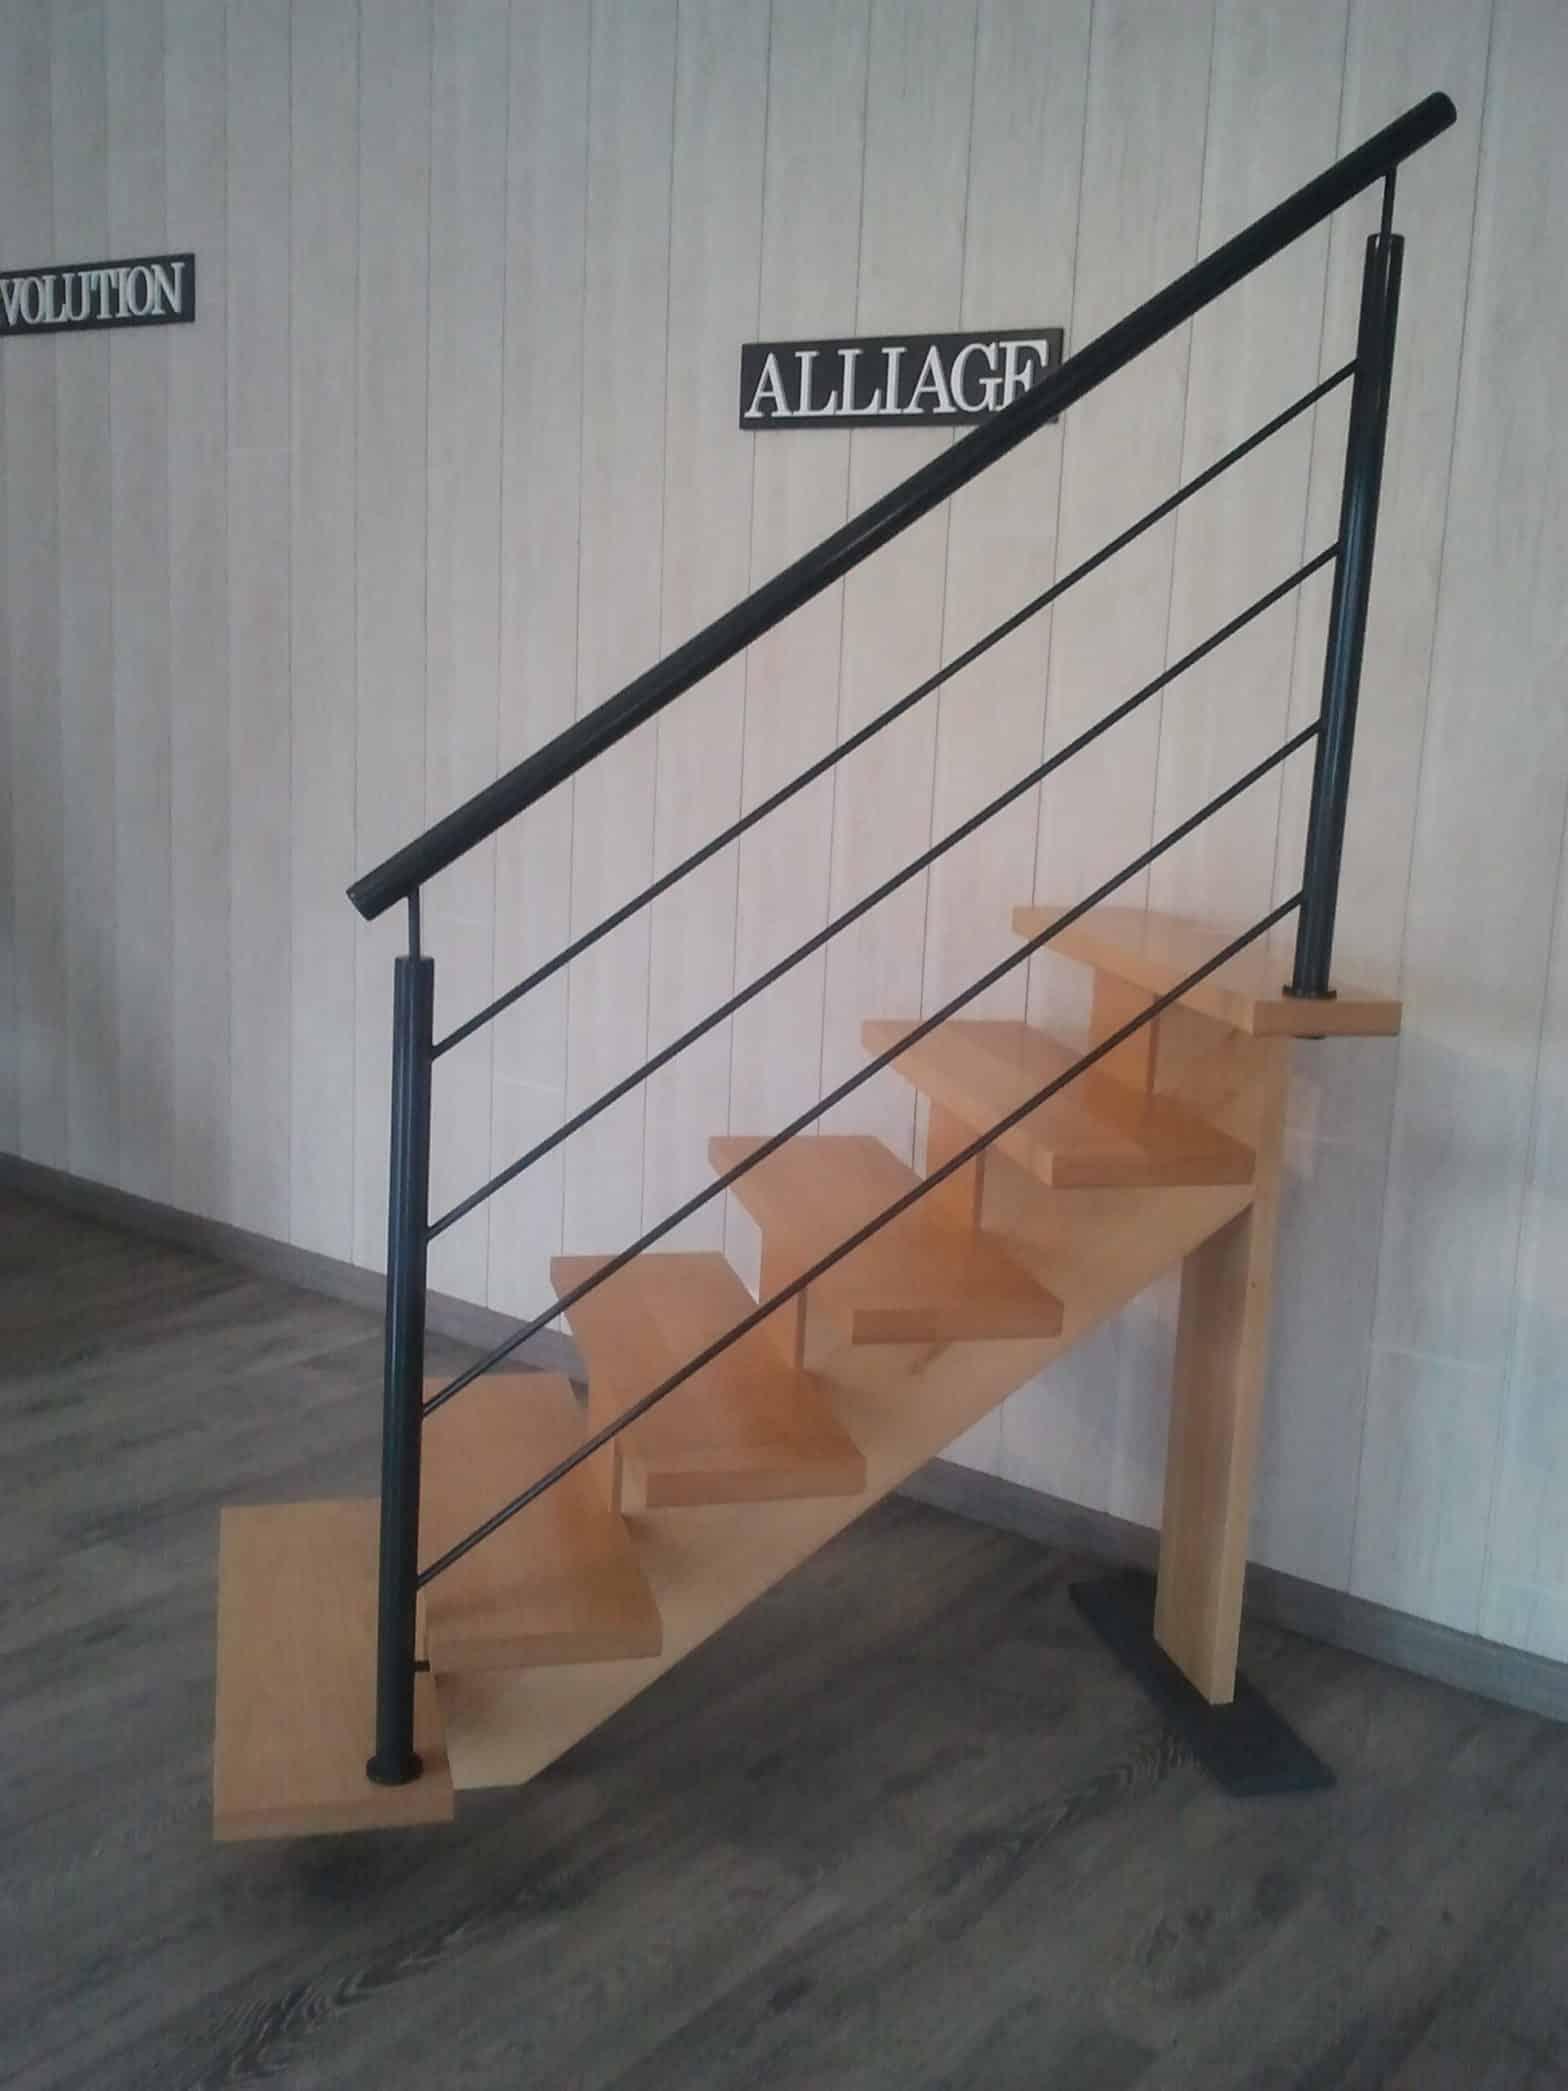 Escalier alliage escalier riaux - La Possonnière